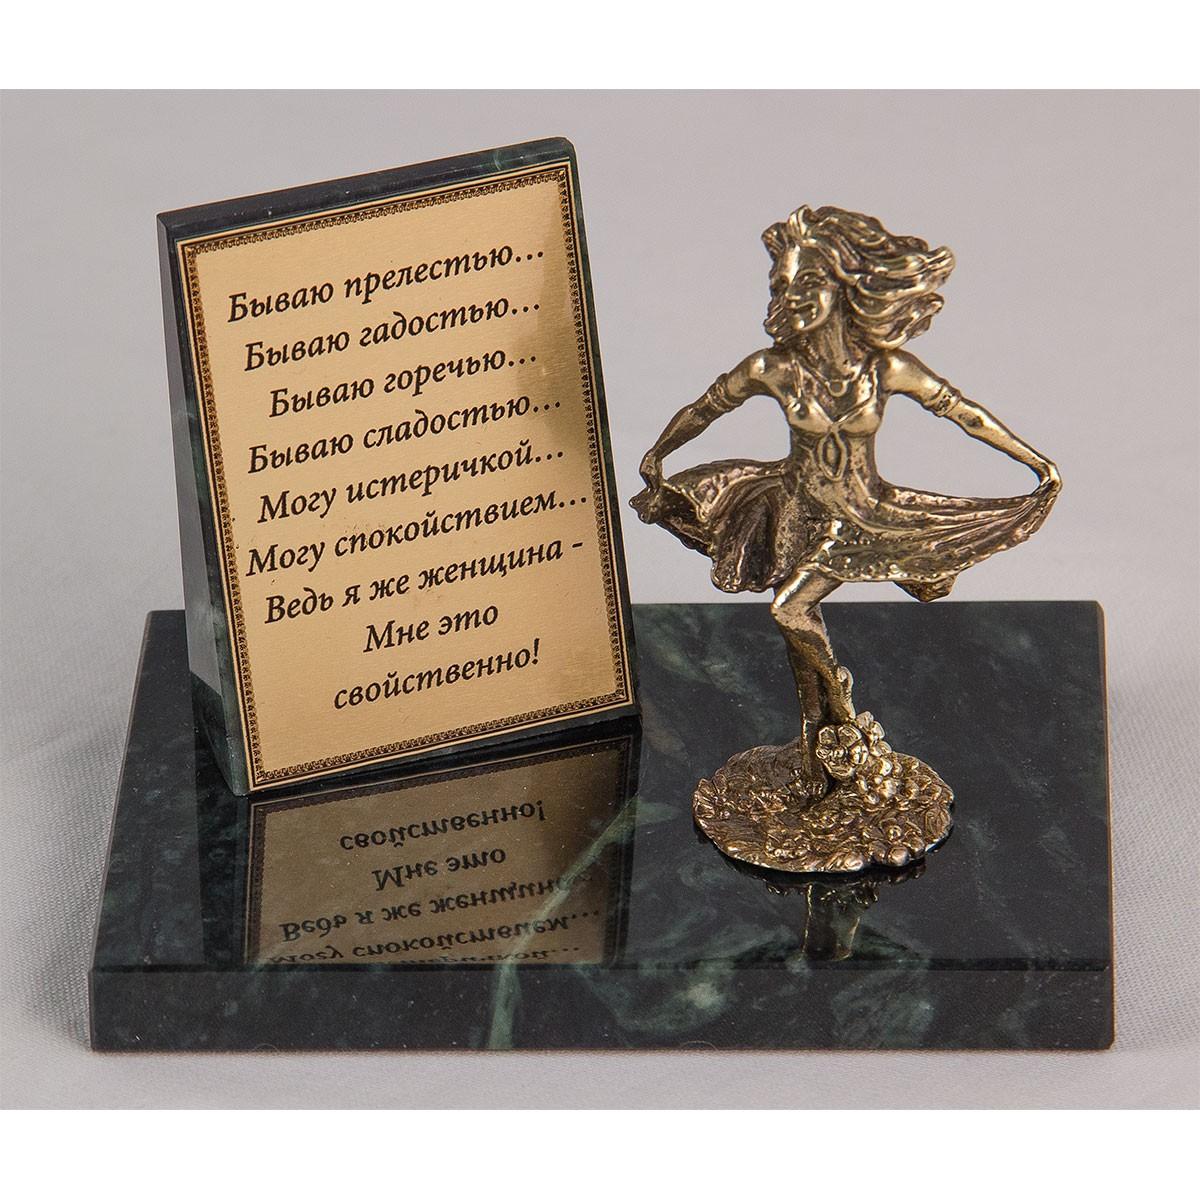 Подарок, фигурка девушки на камне с плакеткой «…Ведь я же женщина-Мне это свойственно!»